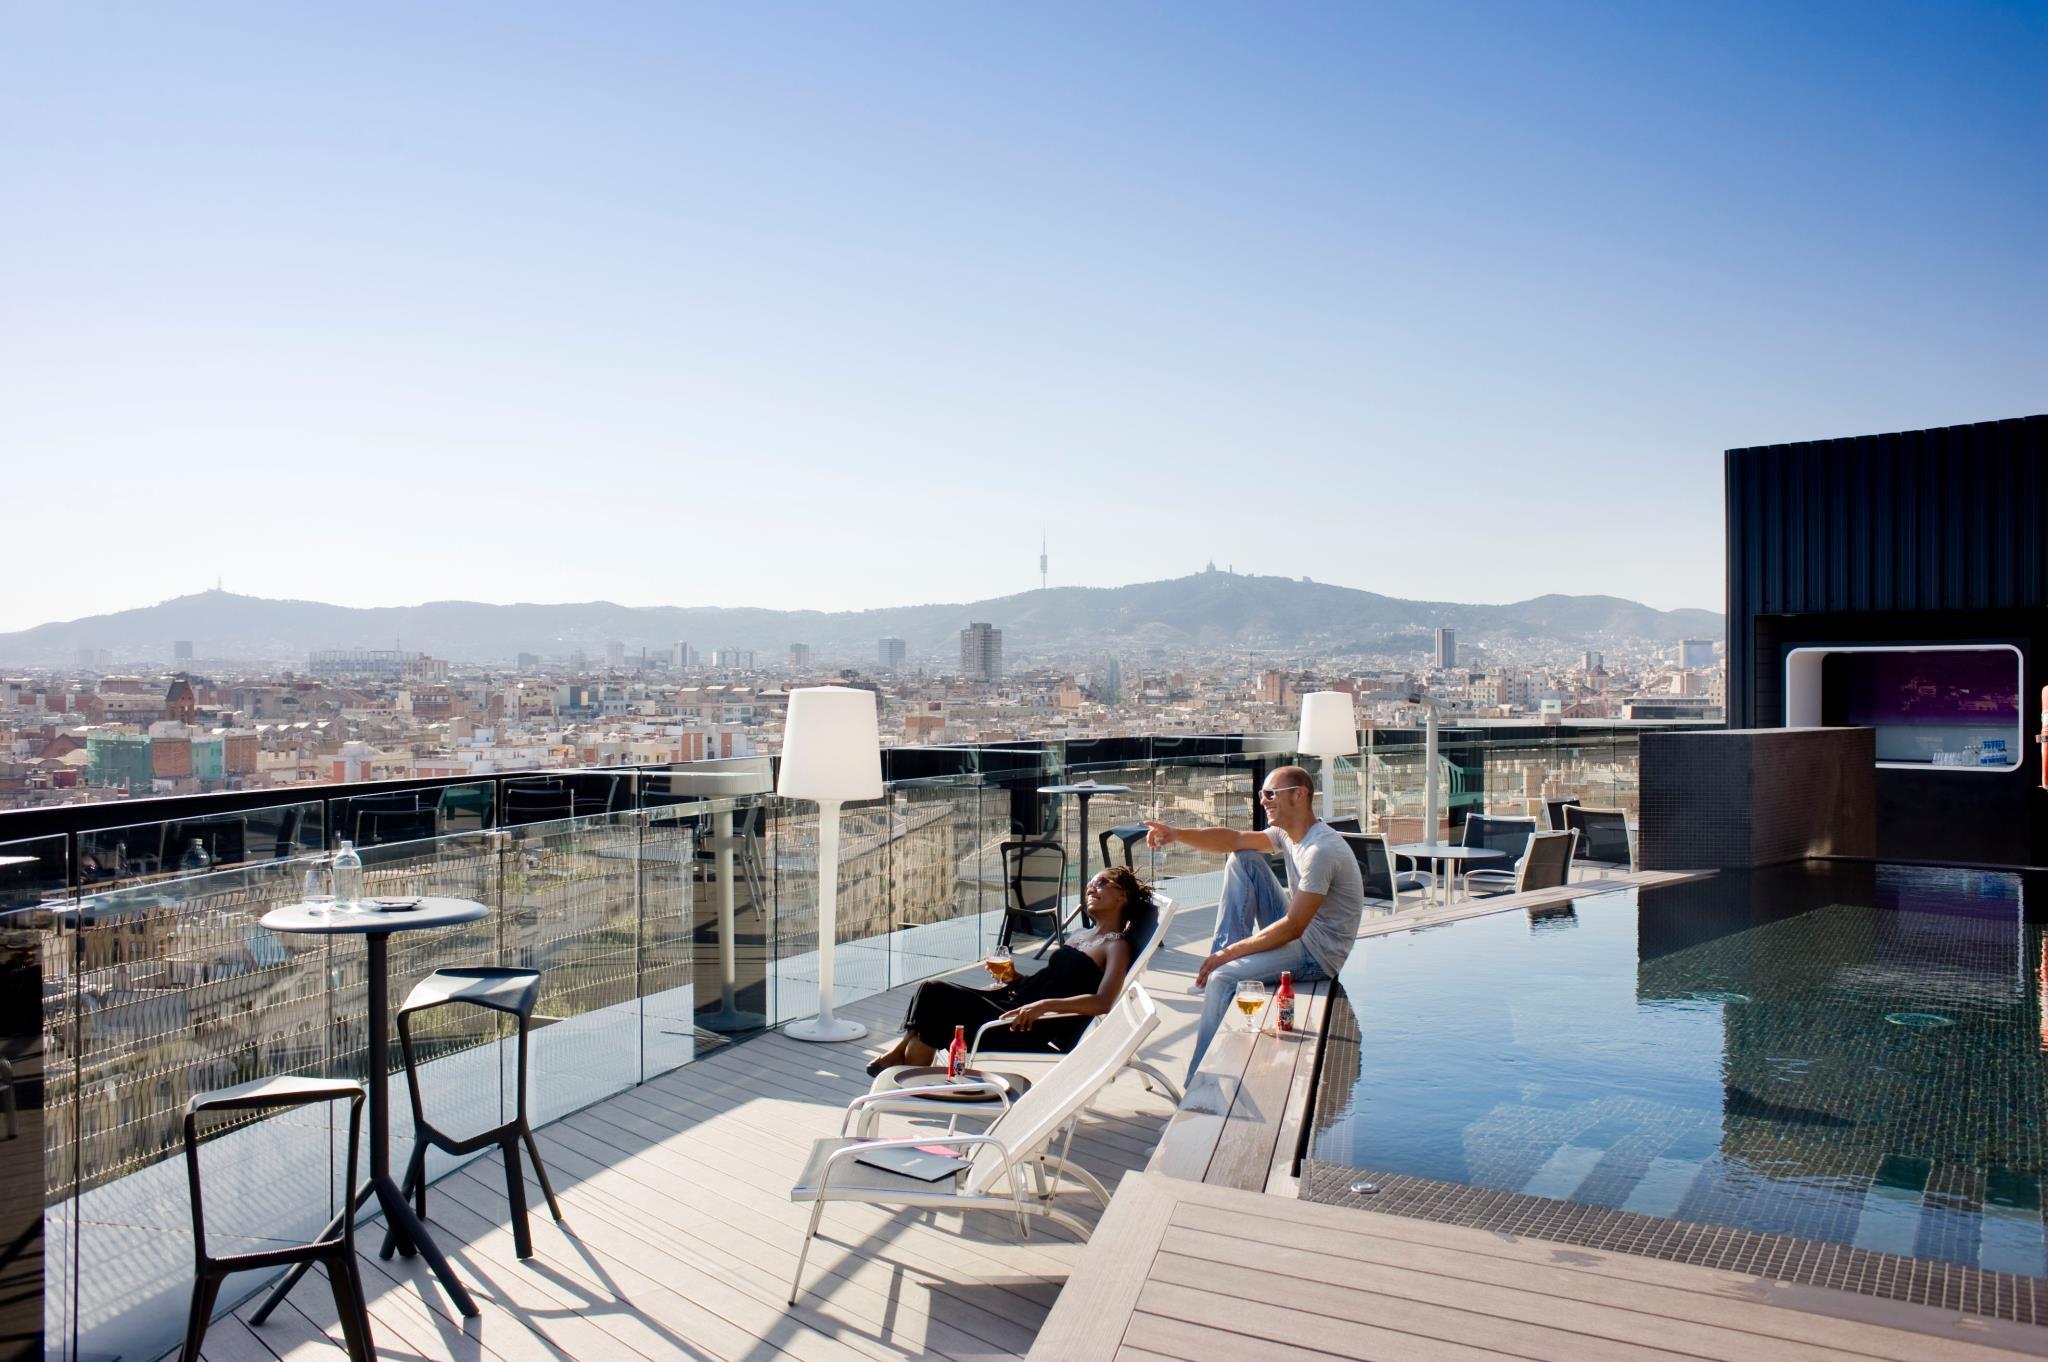 Terraza 360 hotel barcelo raval terrazeo for Terrazas de